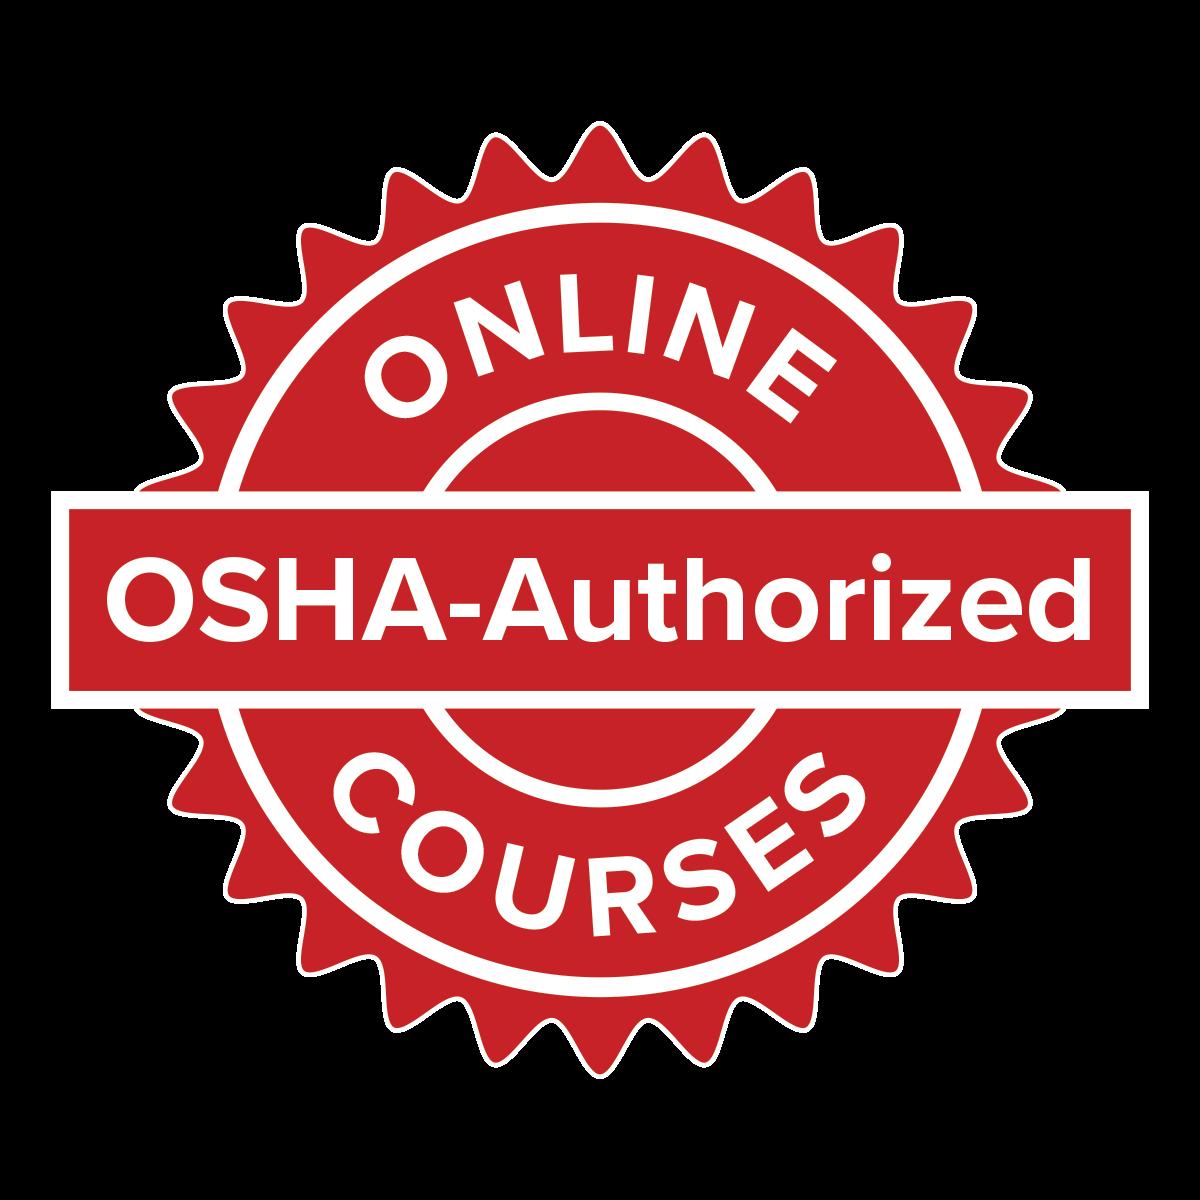 OSHA-Authorized 10-Hour Online Training